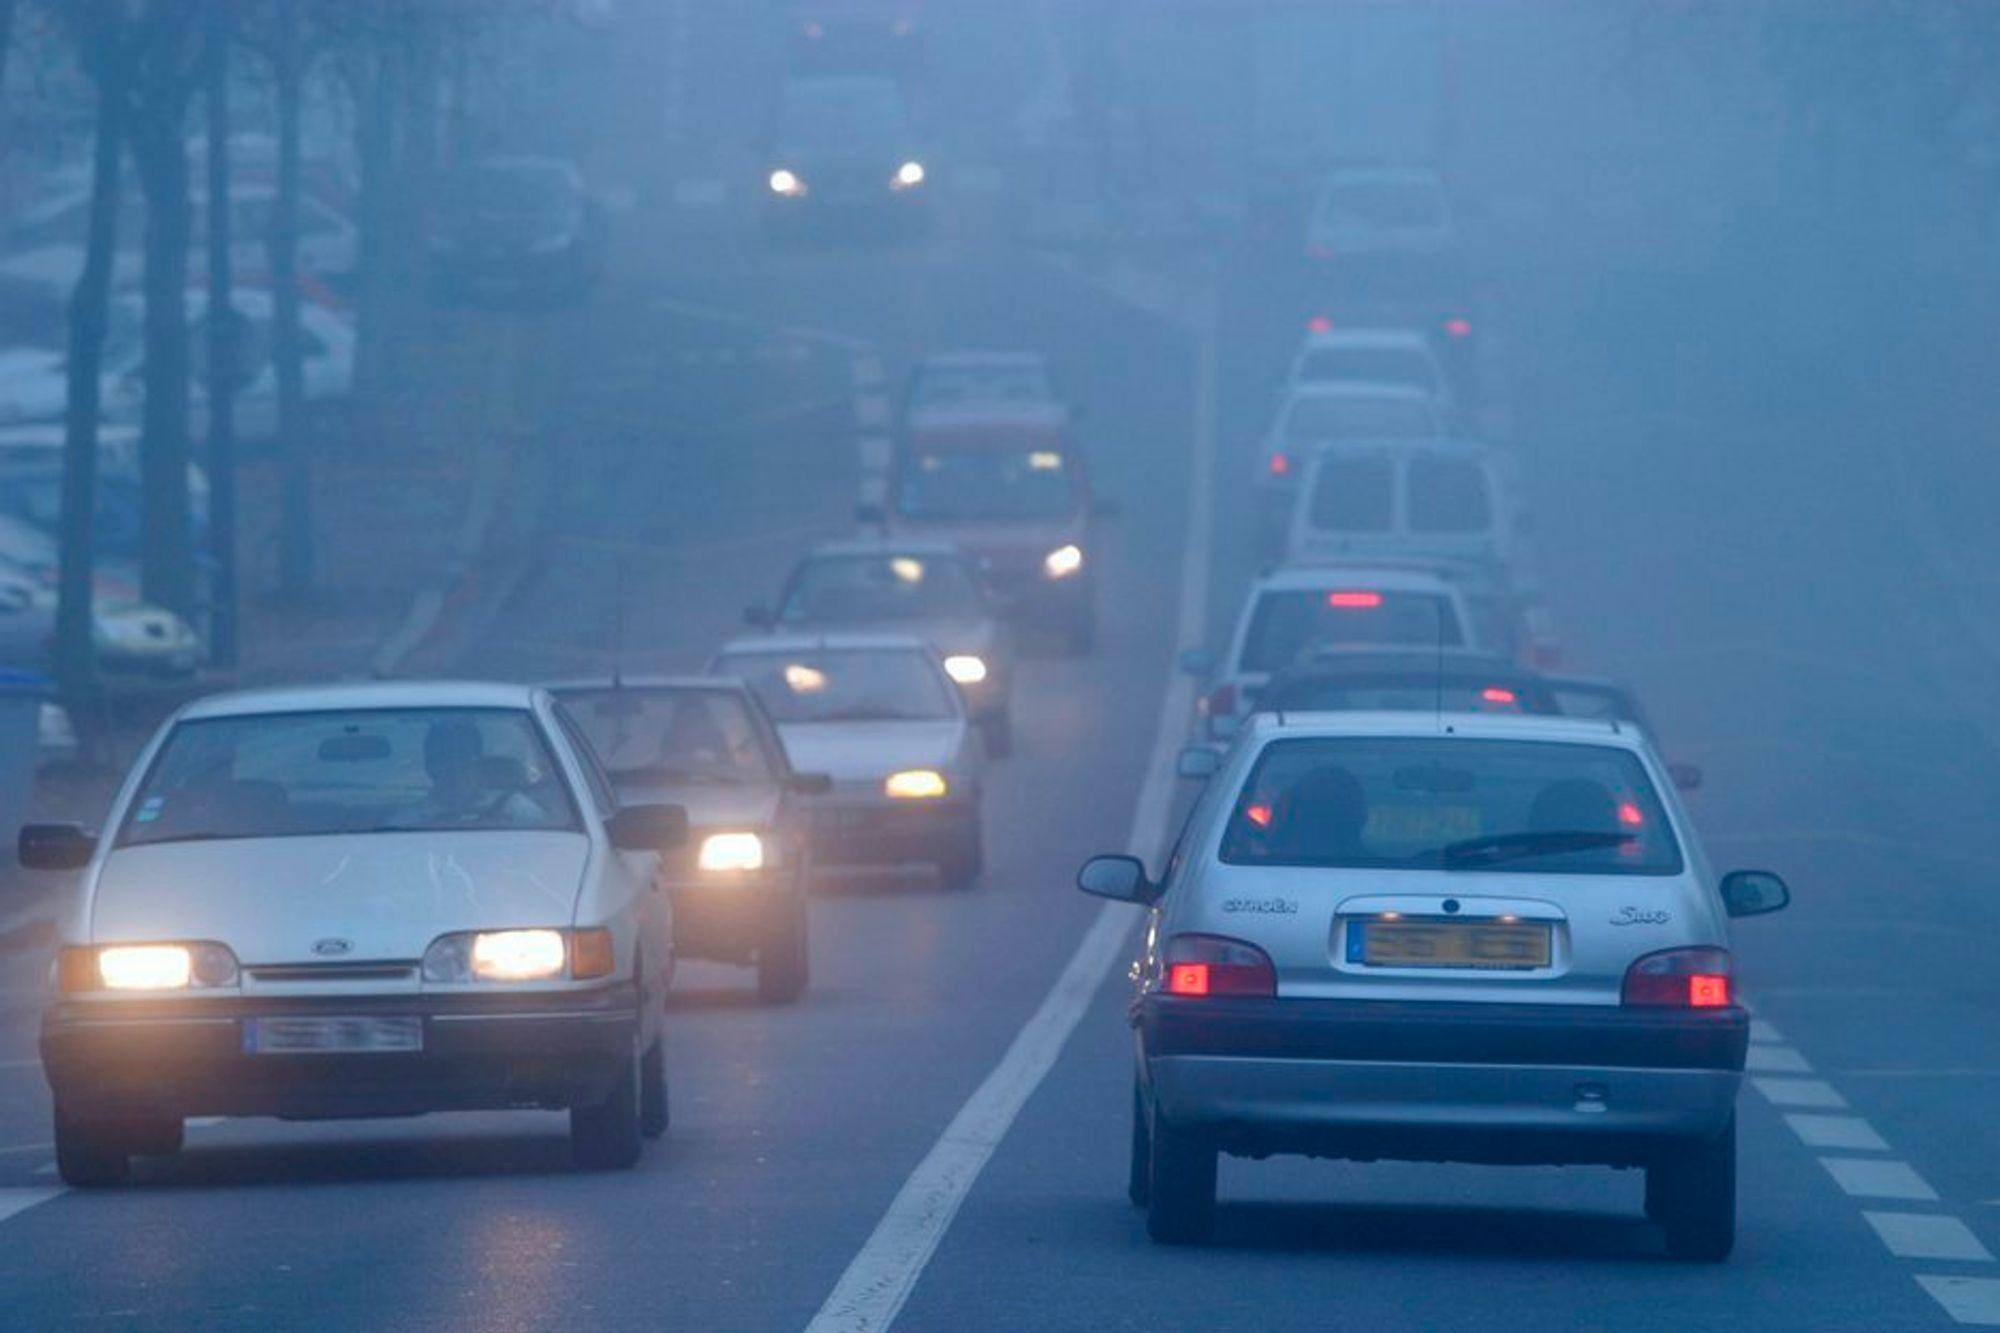 FORSKER PÅ NANOPARTIKLER: Danskene har nettopp avsluttet et forsøk hvor de har fanget partikler fra motorer som kjører på ulike biodieselblandinger. Resultatet kan bidra til å finne svar på om nanopartikler utgjør større helsefare enn større partikler.